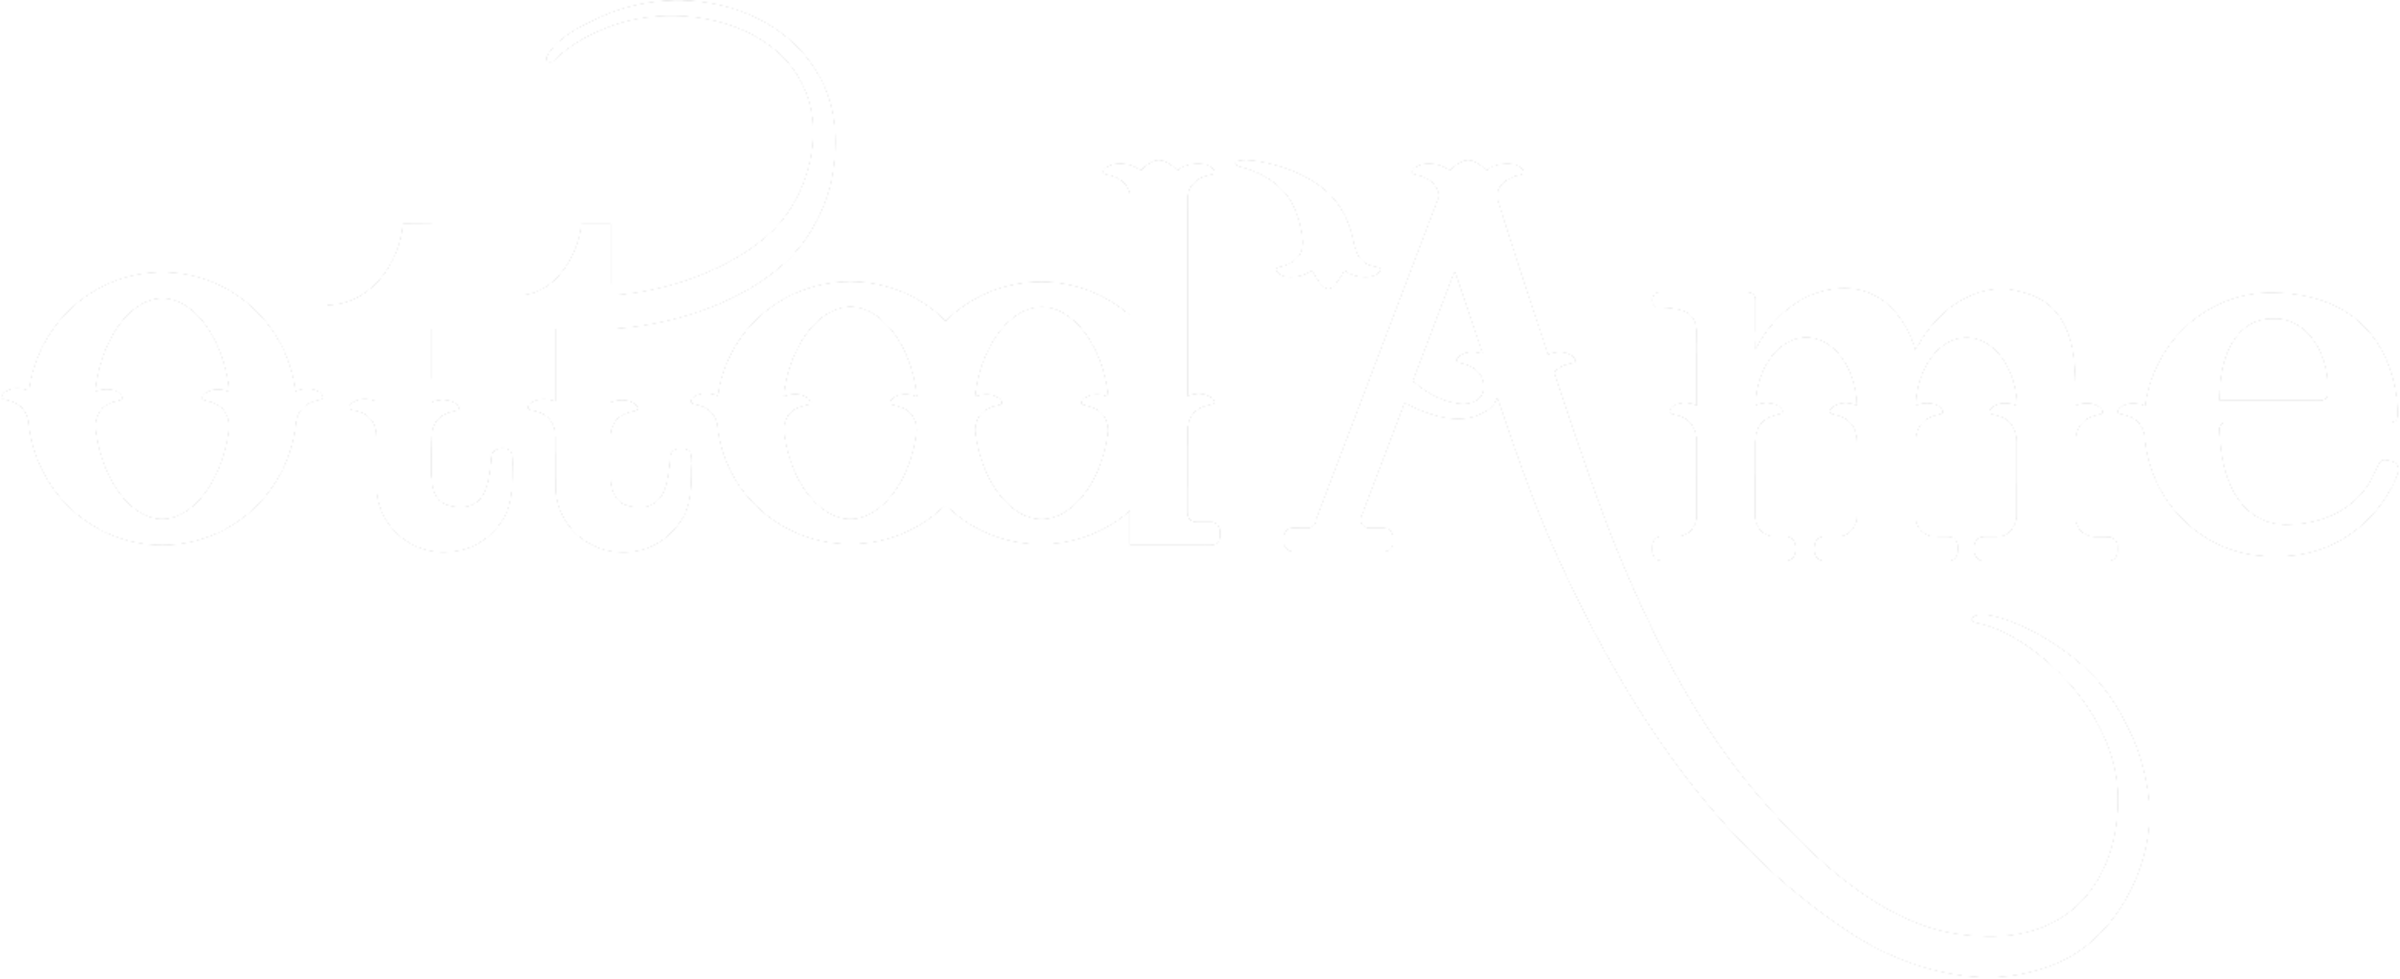 Ottod'Ame Logo